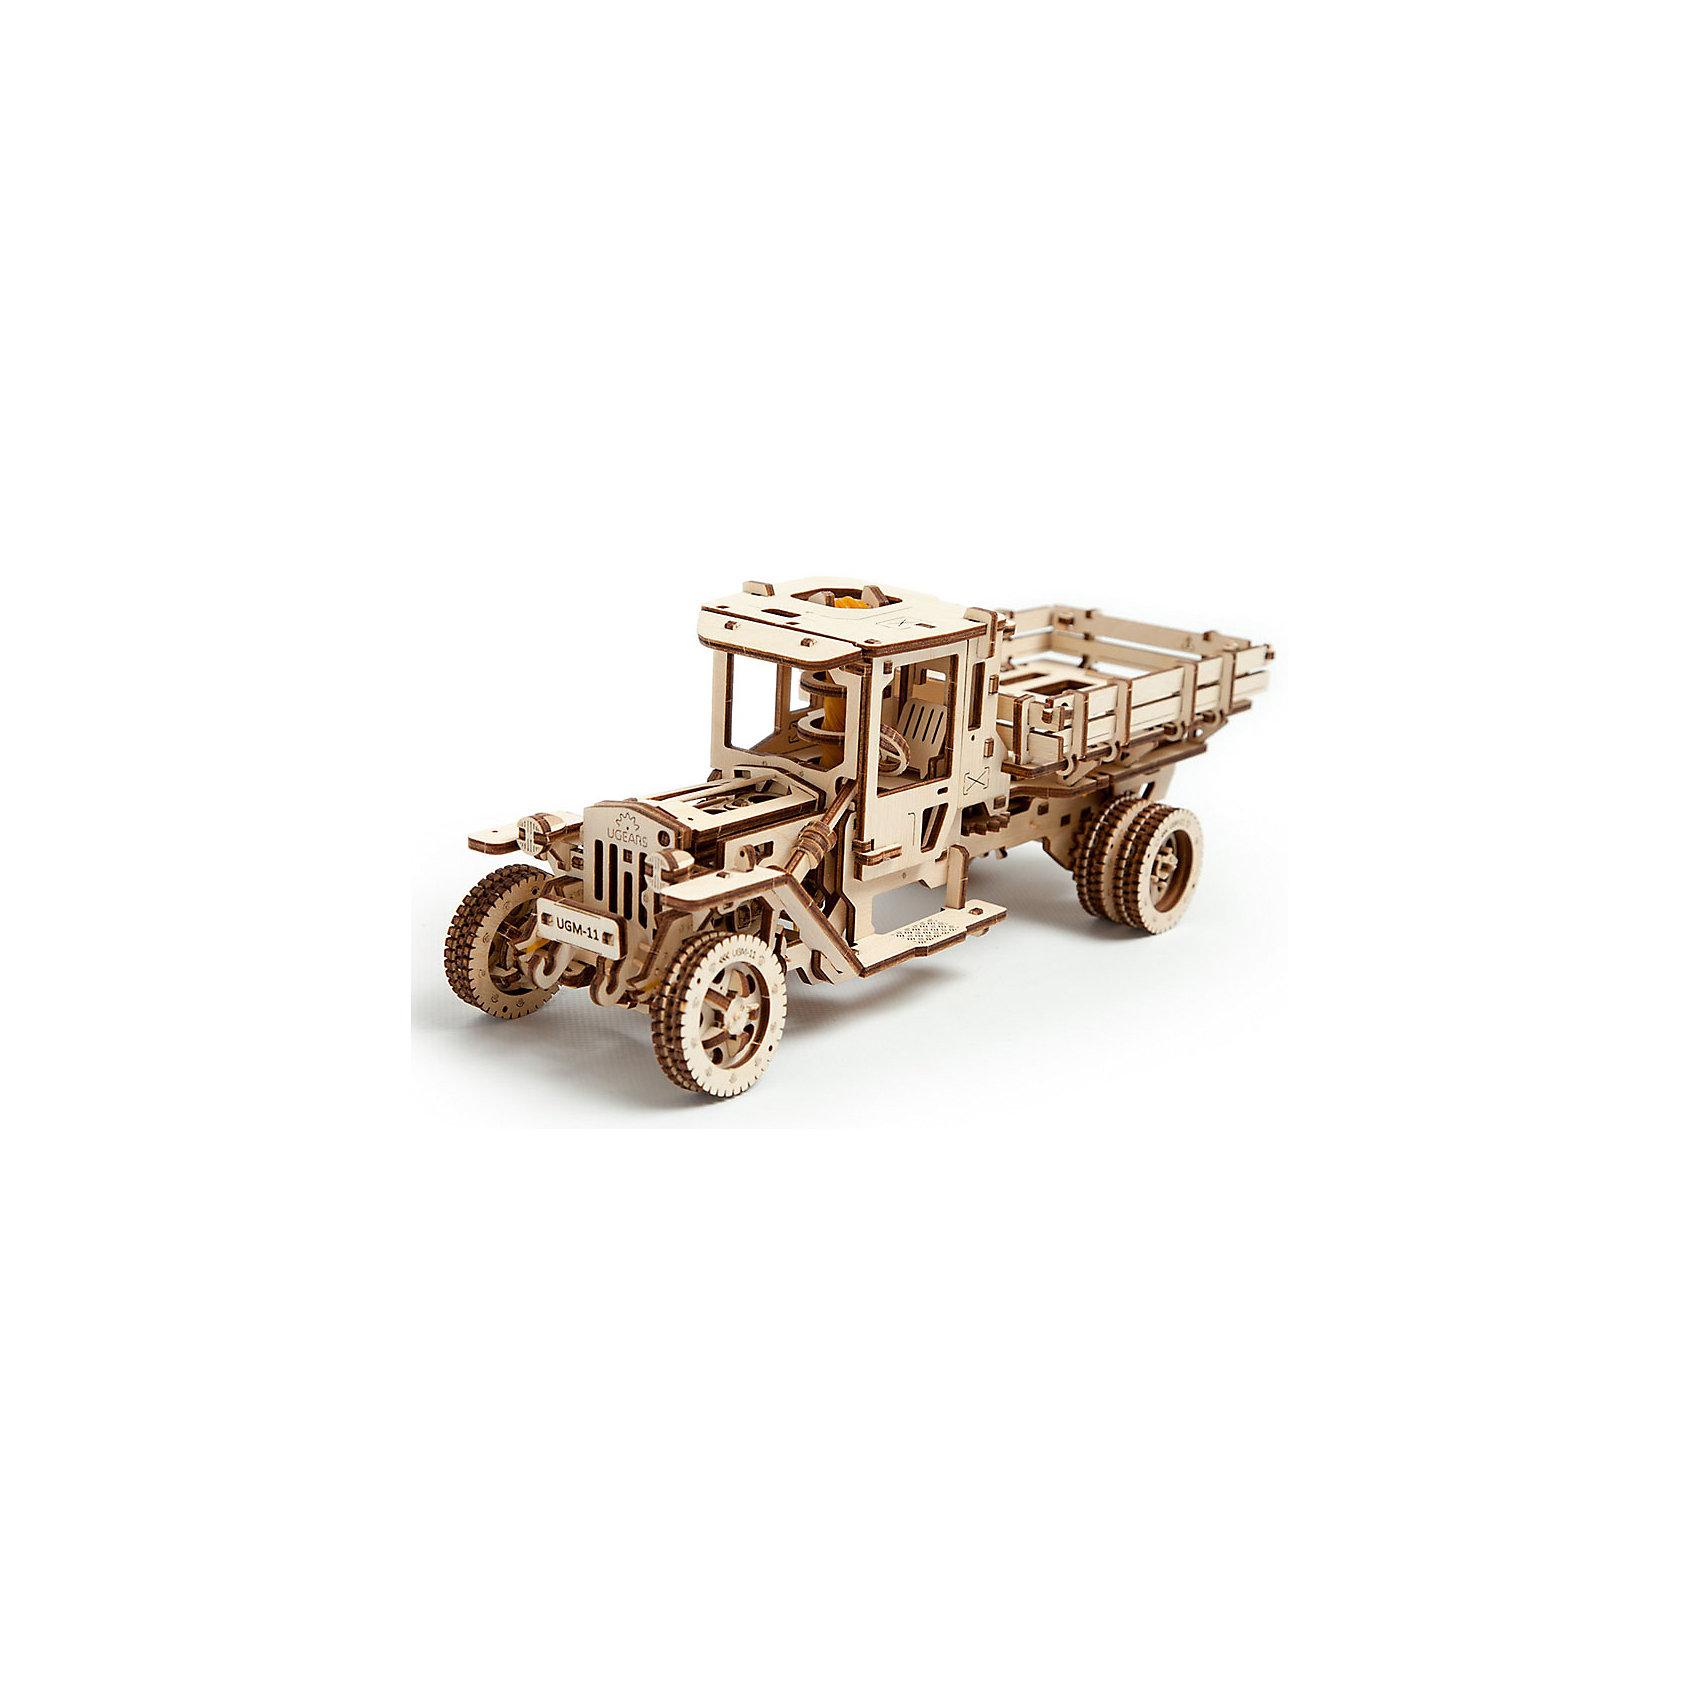 Грузовик UGM-11, UGEARSТоповая модель - Грузовик UGM-11 - это уменьшенная копия настоящего автомобиля!<br><br>Данная модель состоит из двигателя, трансмиссии и коробки передач. Модель может двигаться как вперед, так и назад. <br>Длина автомобиля: 34 см<br>Ширина автомобиля: 14 см<br>Высота автомобиля: 13 см<br>Максимальное время снаряженная масса: 1267 г<br>Максимальная скорость: 1.8 км/ч<br><br>Дополнительная информация:<br><br>Размер грузовика: 340*140*130 мм<br>Размер упаковки: 37*17*4см<br>Количество деталей: 420<br>Расчетное время сборки: 10-12 часов<br><br>Ширина мм: 375<br>Глубина мм: 170<br>Высота мм: 35<br>Вес г: 1267<br>Возраст от месяцев: 168<br>Возраст до месяцев: 192<br>Пол: Унисекс<br>Возраст: Детский<br>SKU: 5226412